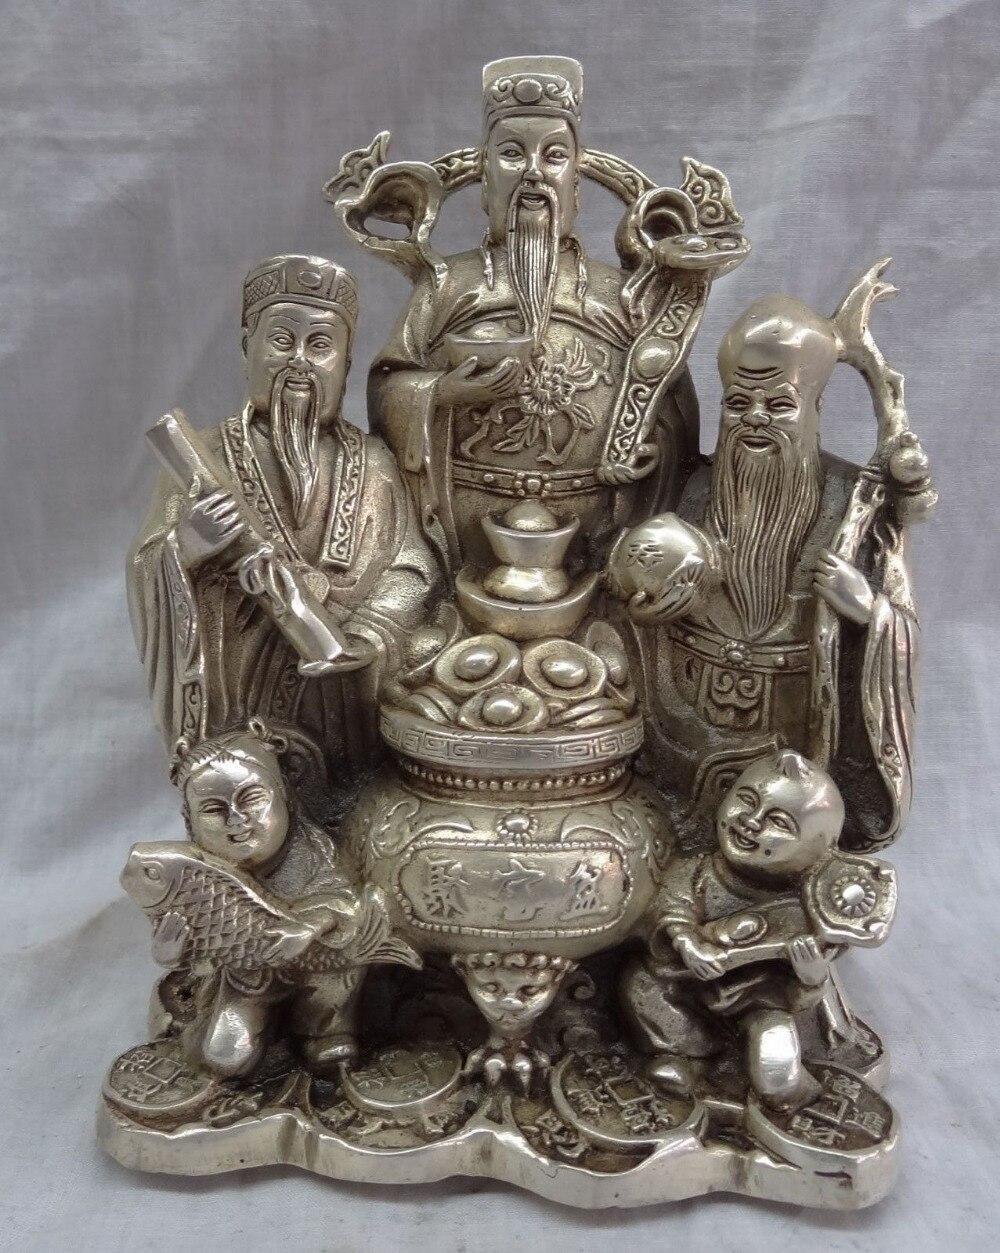 002662 Chinese Silver Mammon God Fish YuanBao Coin Peach Brass FuLuShou Buddha Statue002662 Chinese Silver Mammon God Fish YuanBao Coin Peach Brass FuLuShou Buddha Statue